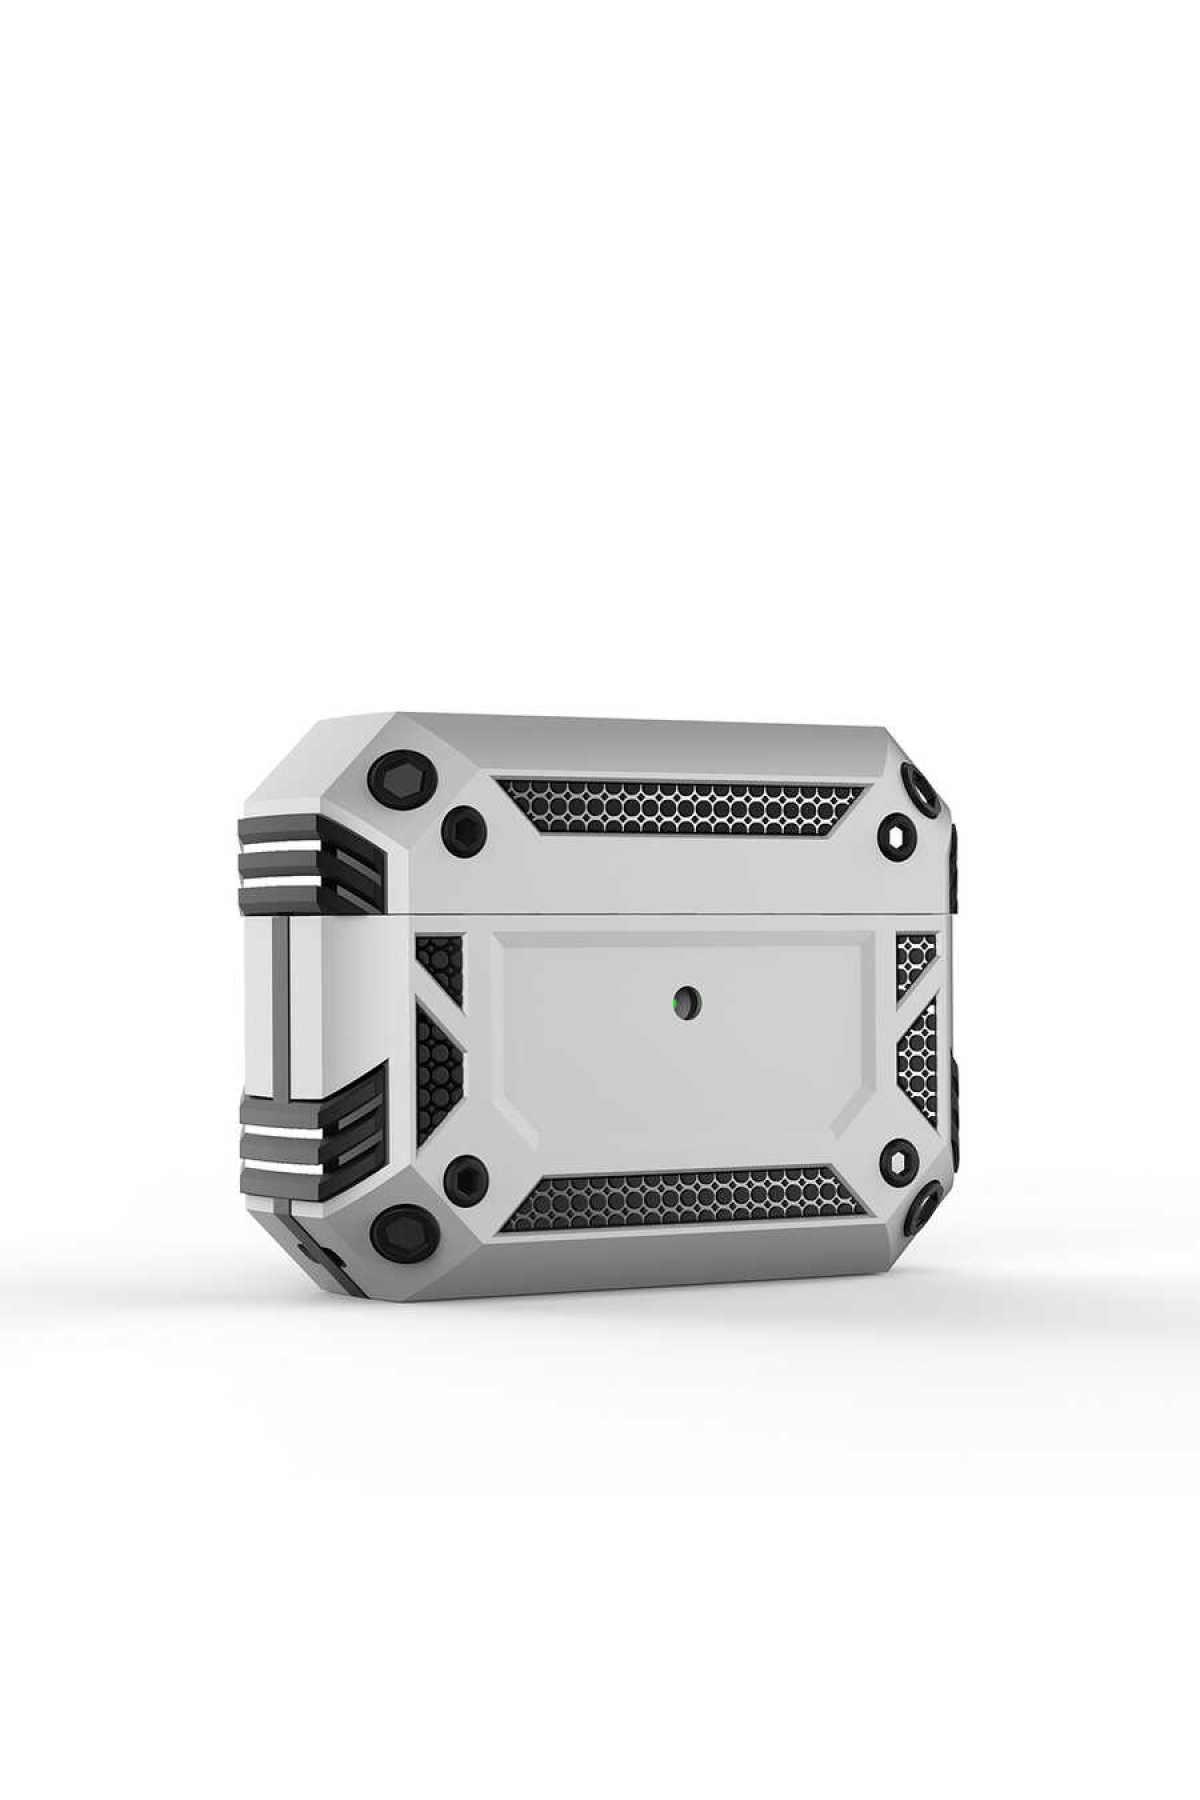 zore Airpods Pro Uyumlu Kılıf Airbag 15 Zırh Koruma Askılı Şarj Kutusu Koruyucu Gümüş 1